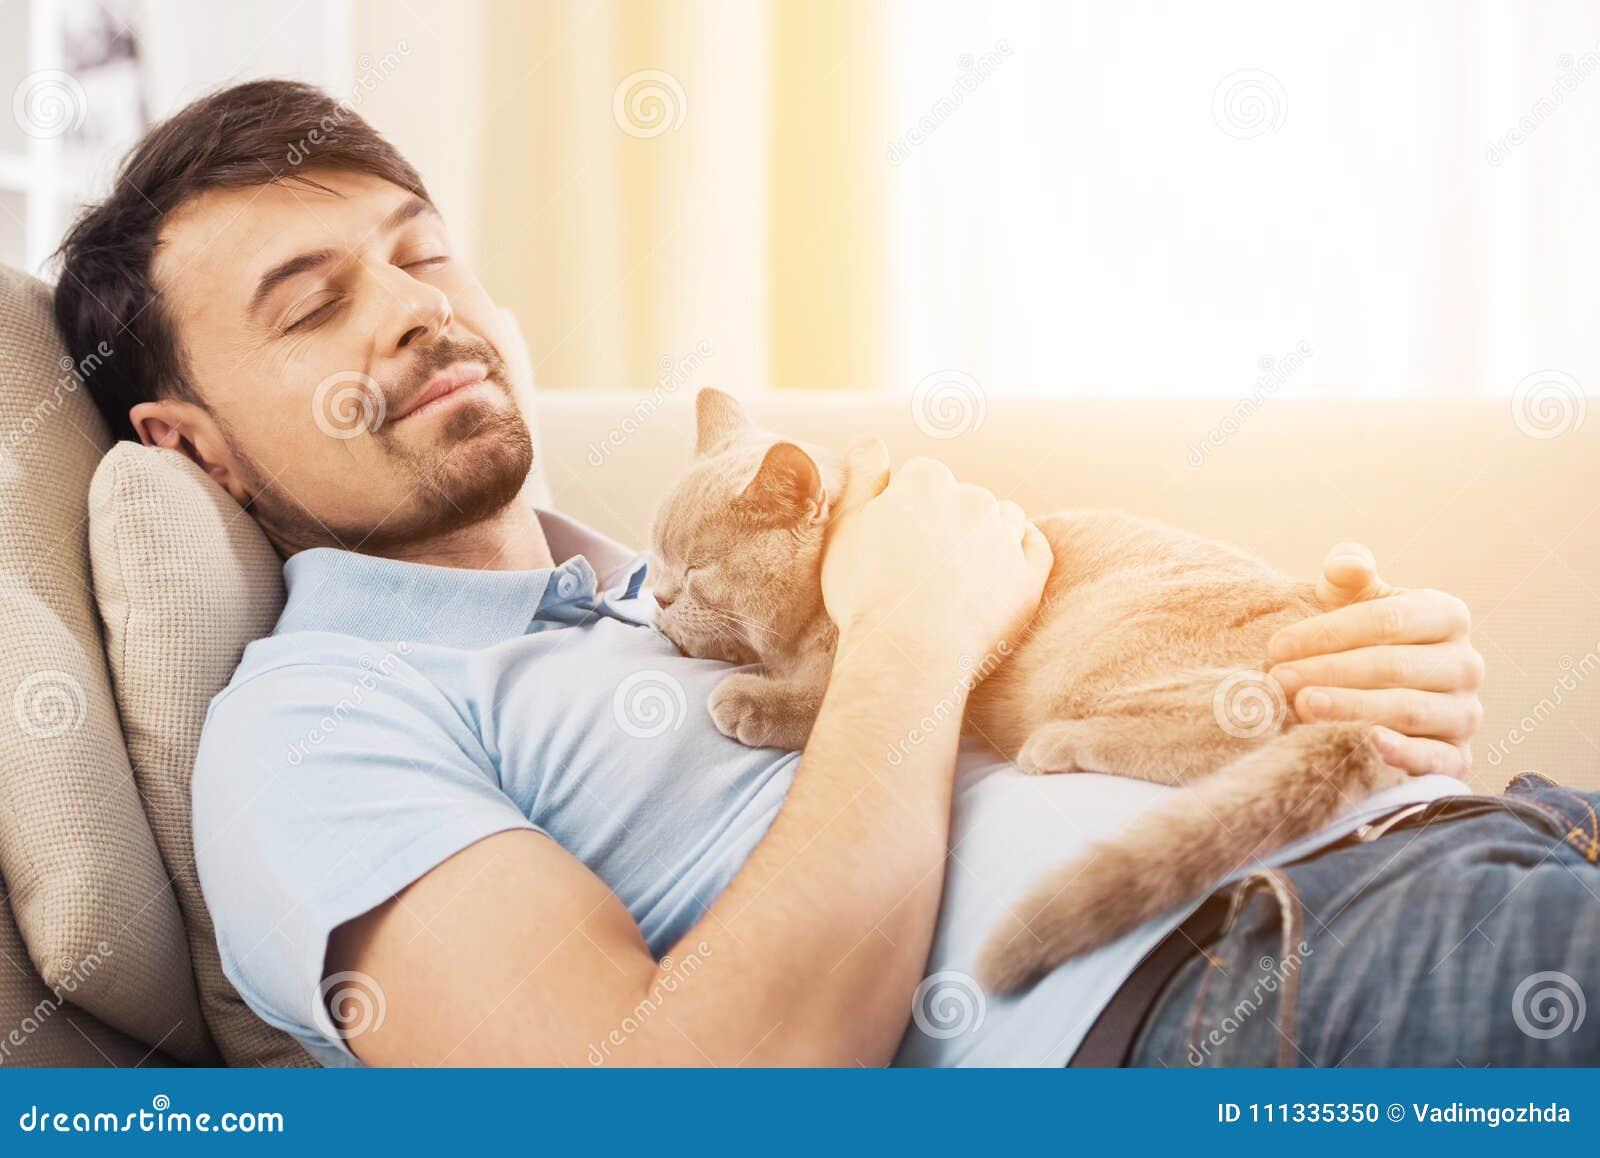 Lächelnder junger Mann mit seiner netten Katze auf der Couch zu Hause